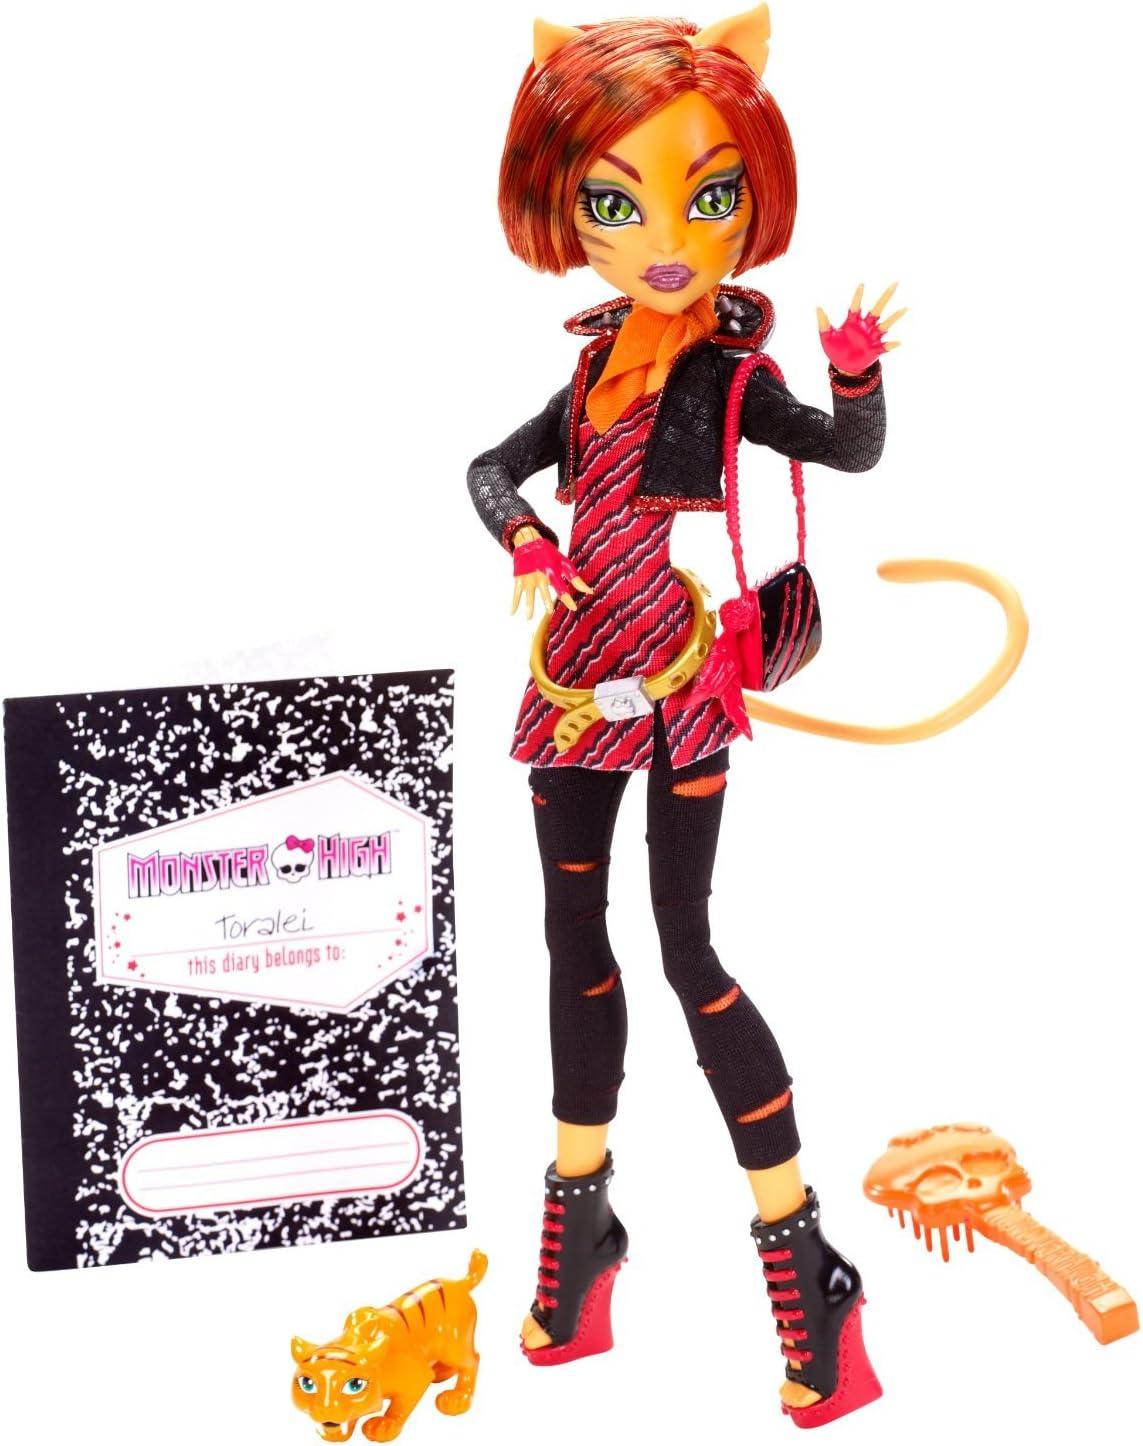 Amazon.es: Monster High Doll - Toralei: Juguetes y juegos